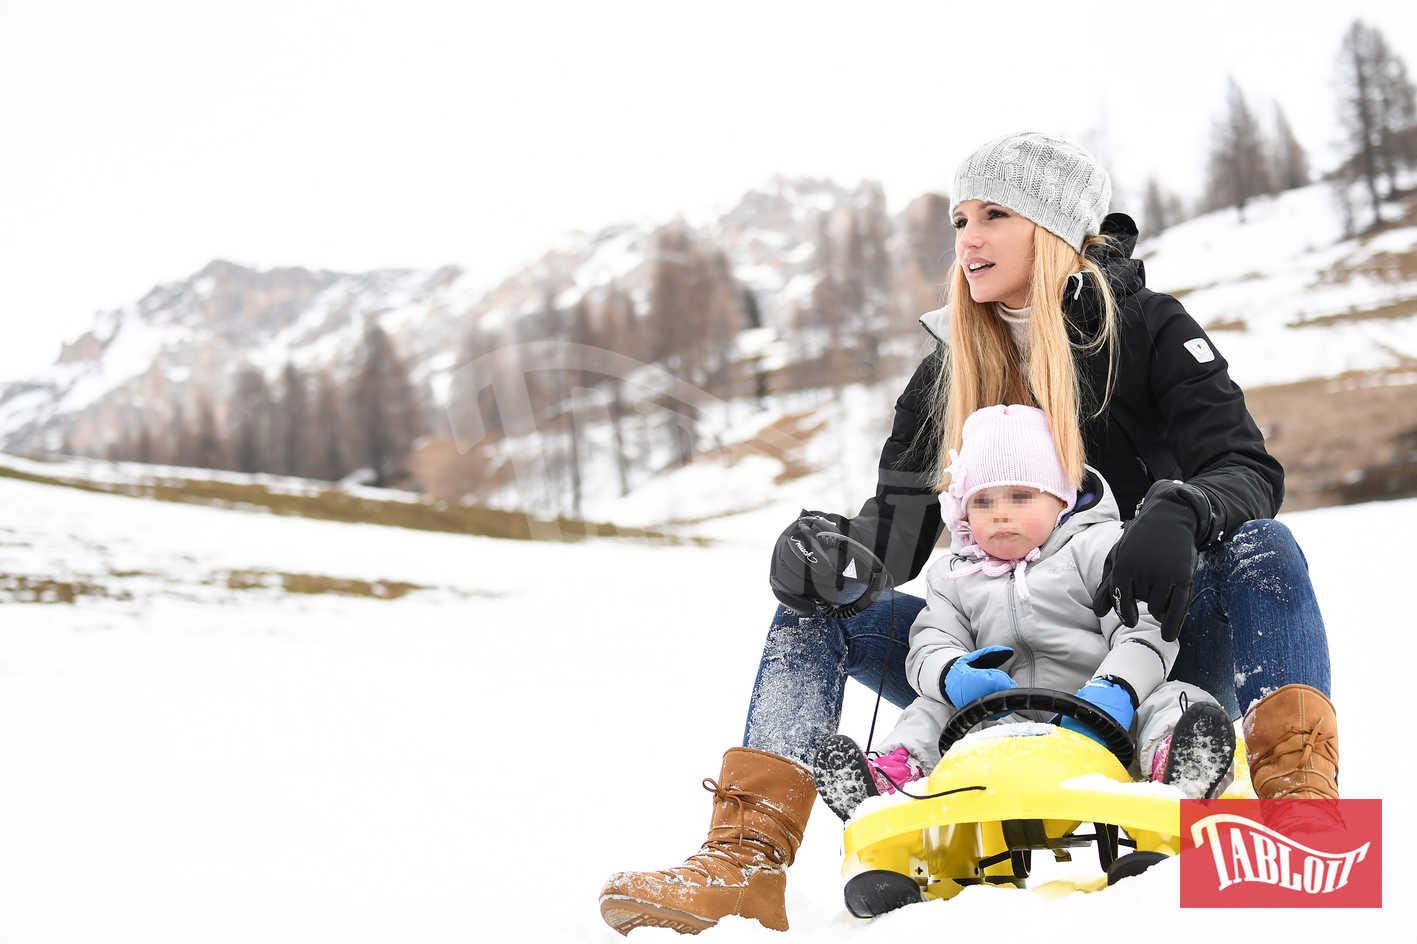 Michelle Hunziker insieme alla figlia Celeste sullo slittino